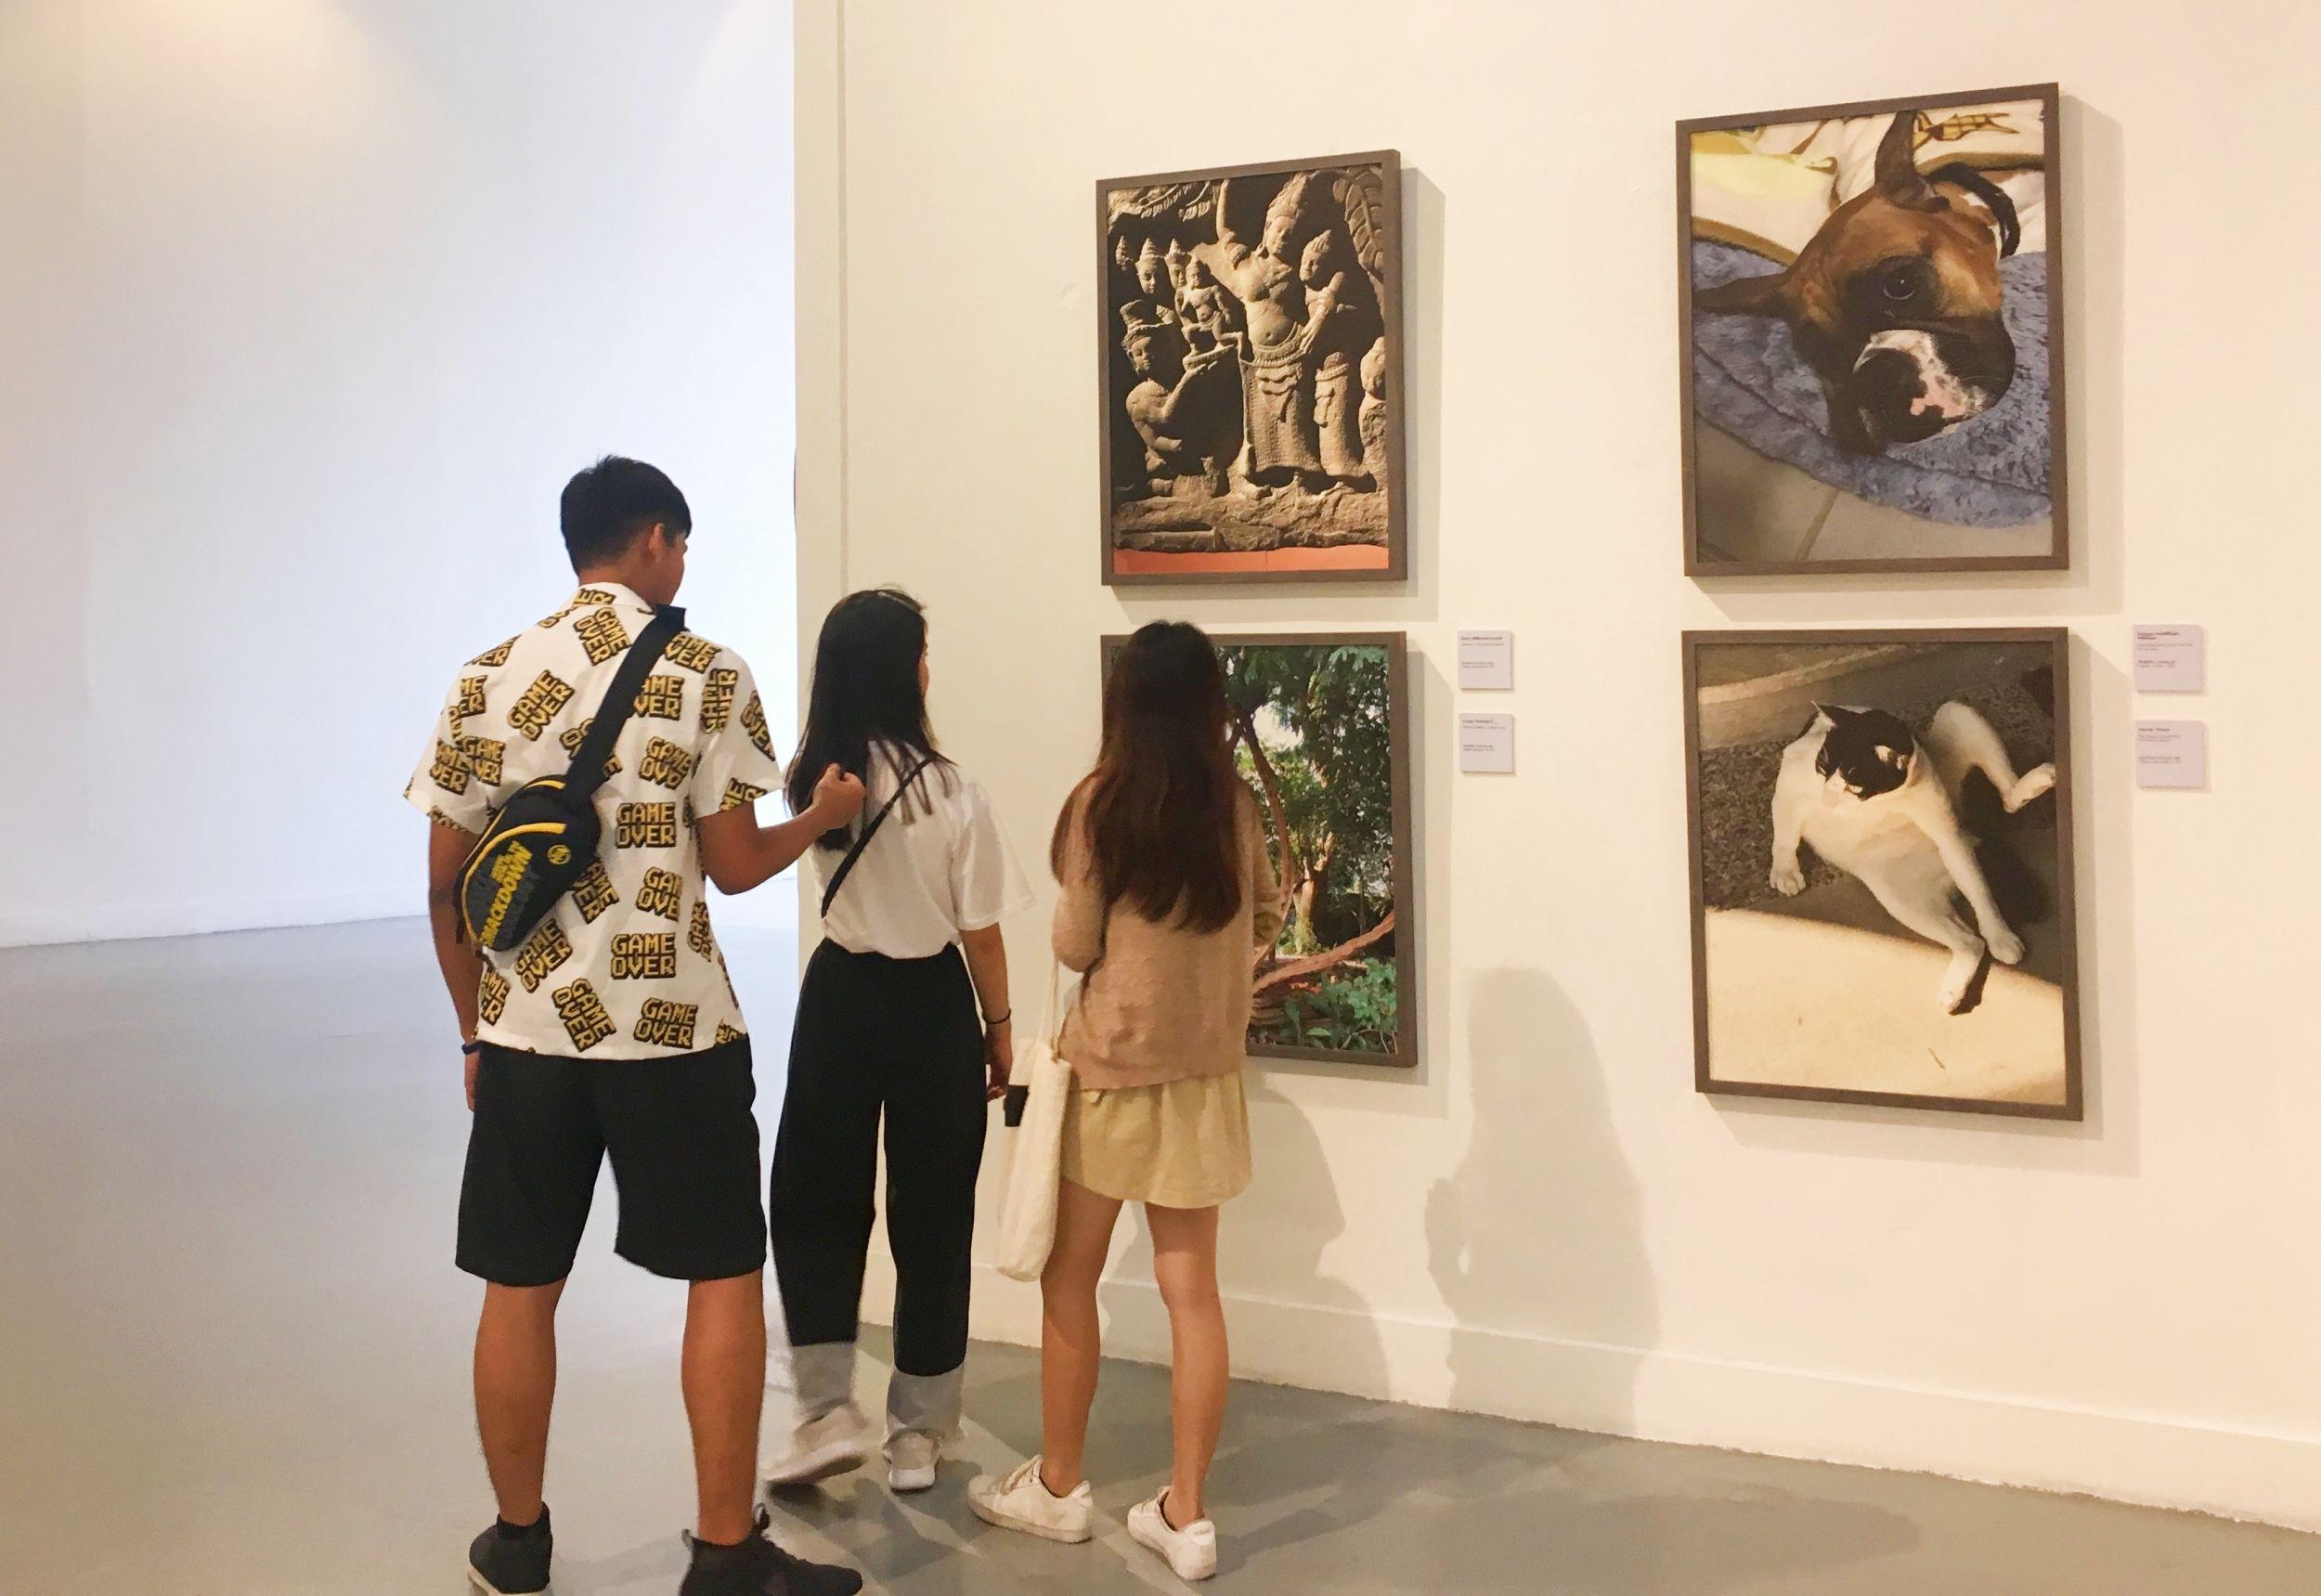 Dogilike.com :: ชวนไปชม นิทรรศการภาพถ่ายฝีพระหัตถ์สมเด็จพระเทพฯ  ปี 61